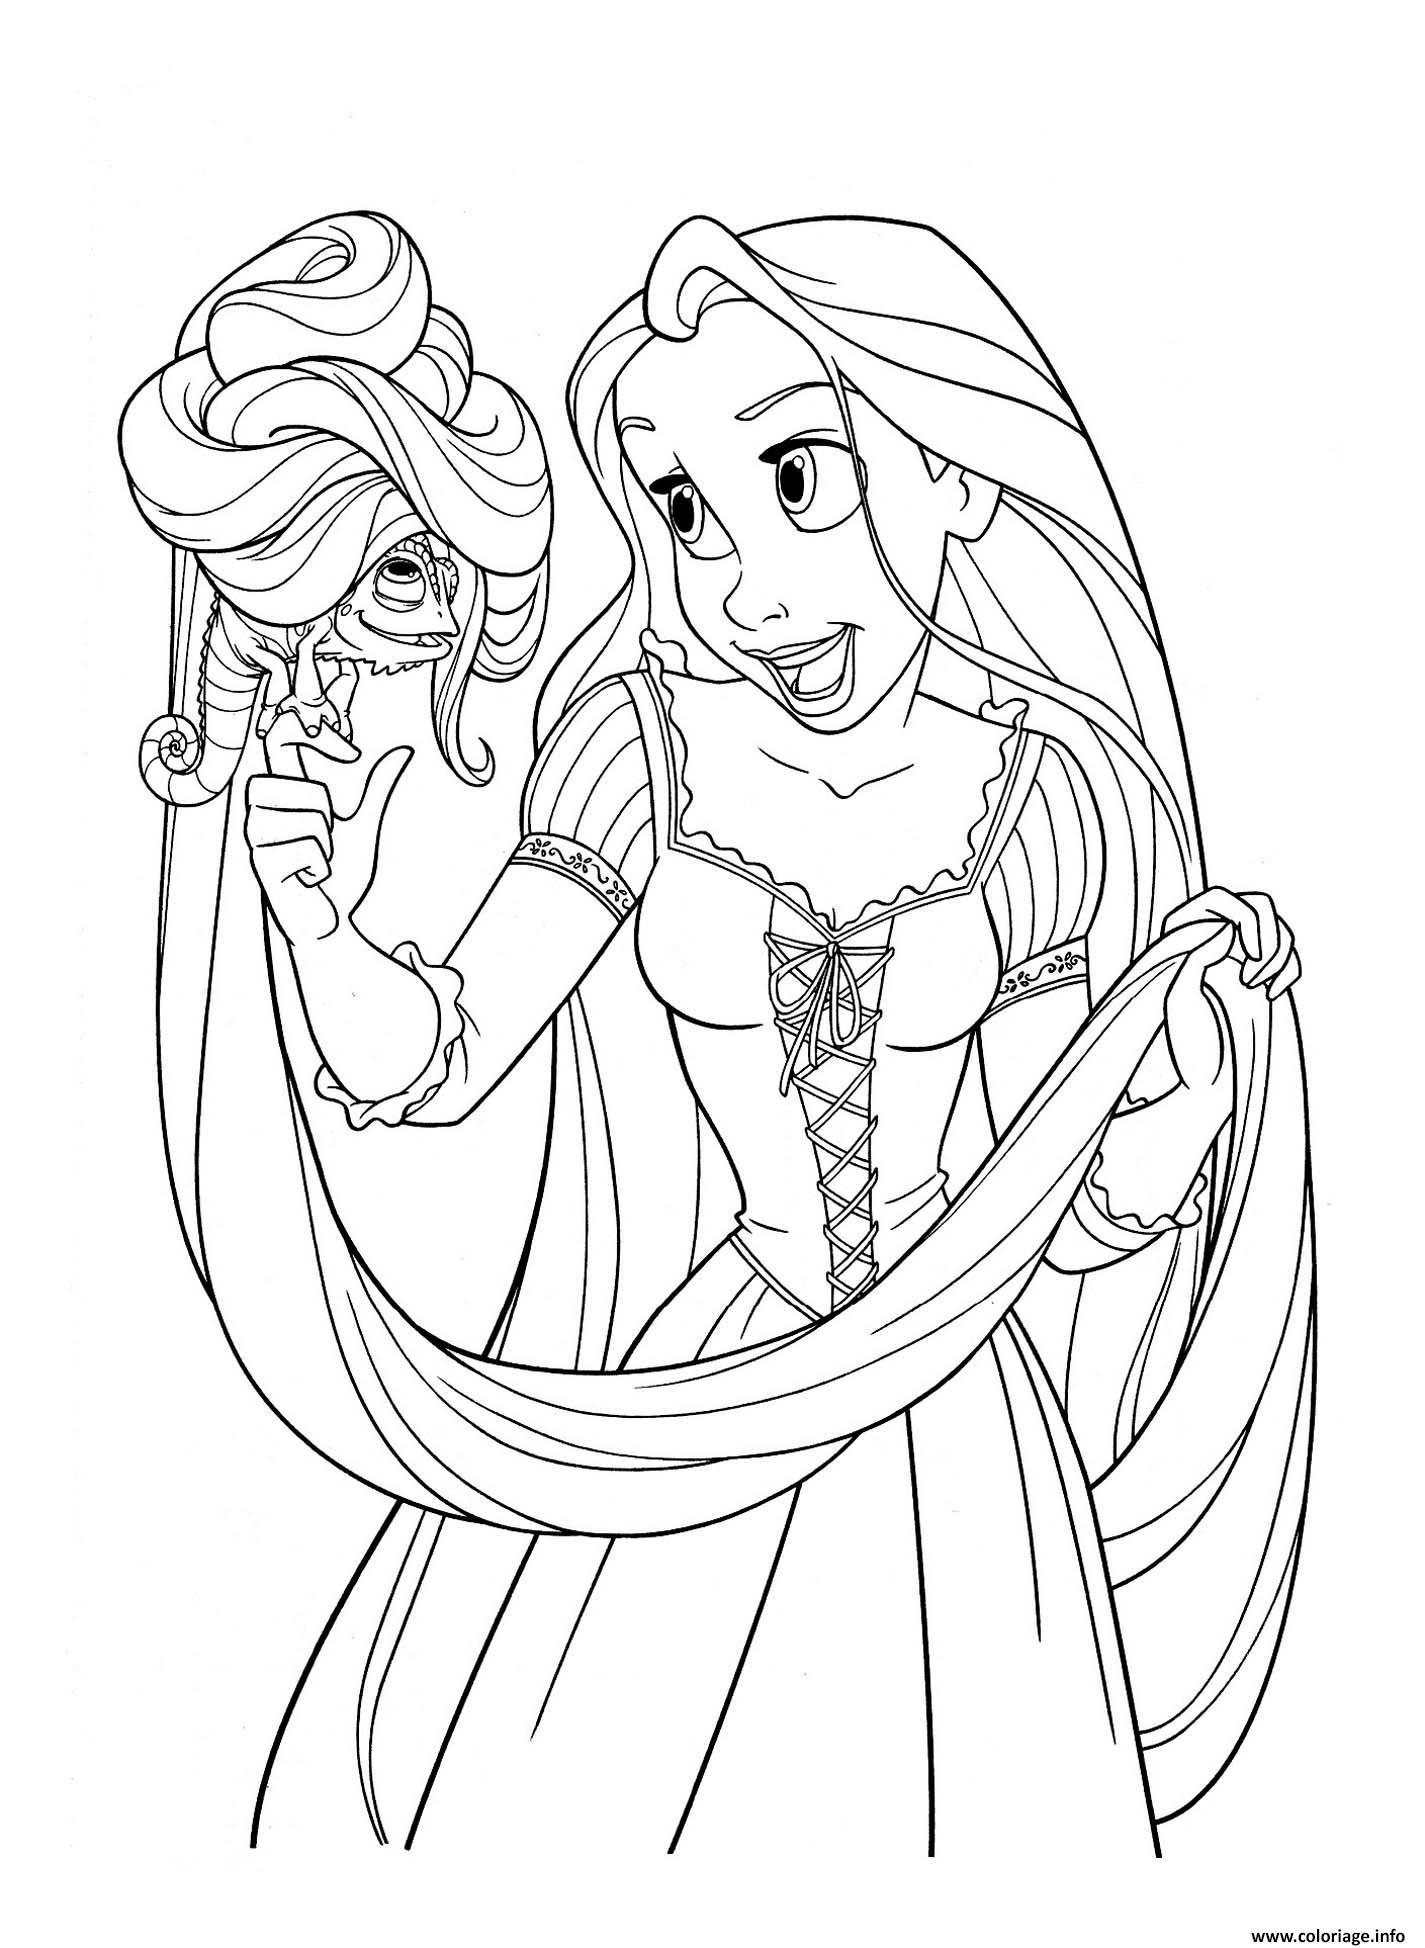 Coloriage raiponce princesse disney avec pascal dessin - Coloriages gratuits a imprimer ...